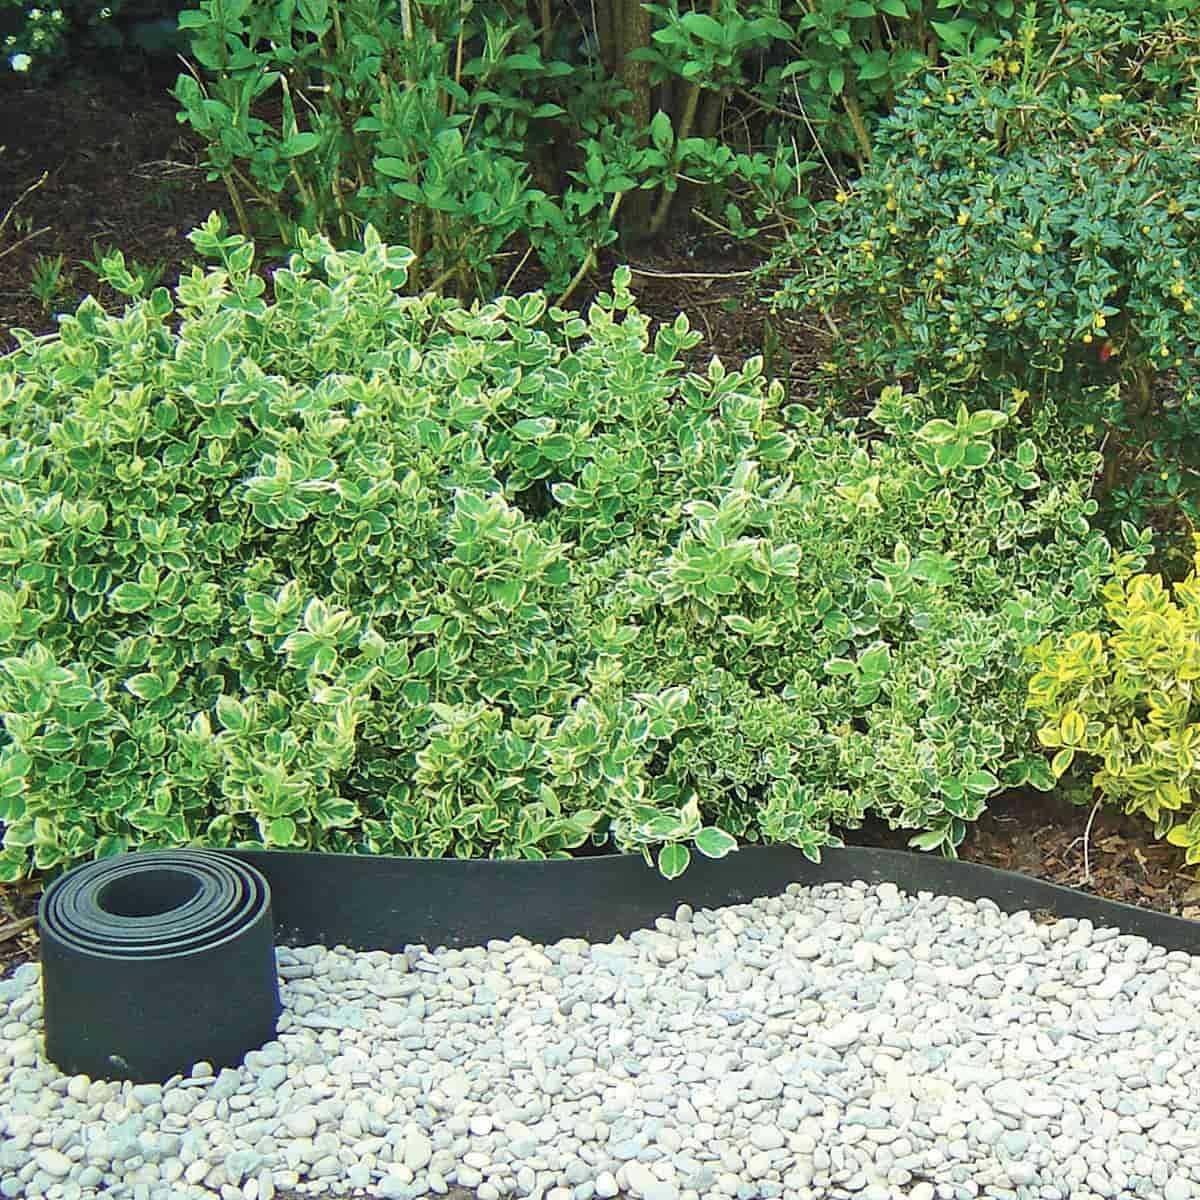 Bordure Caoutchouc Recyclé Gazon 5Mx13Cm avec Bordures De Jardin Pas Cher